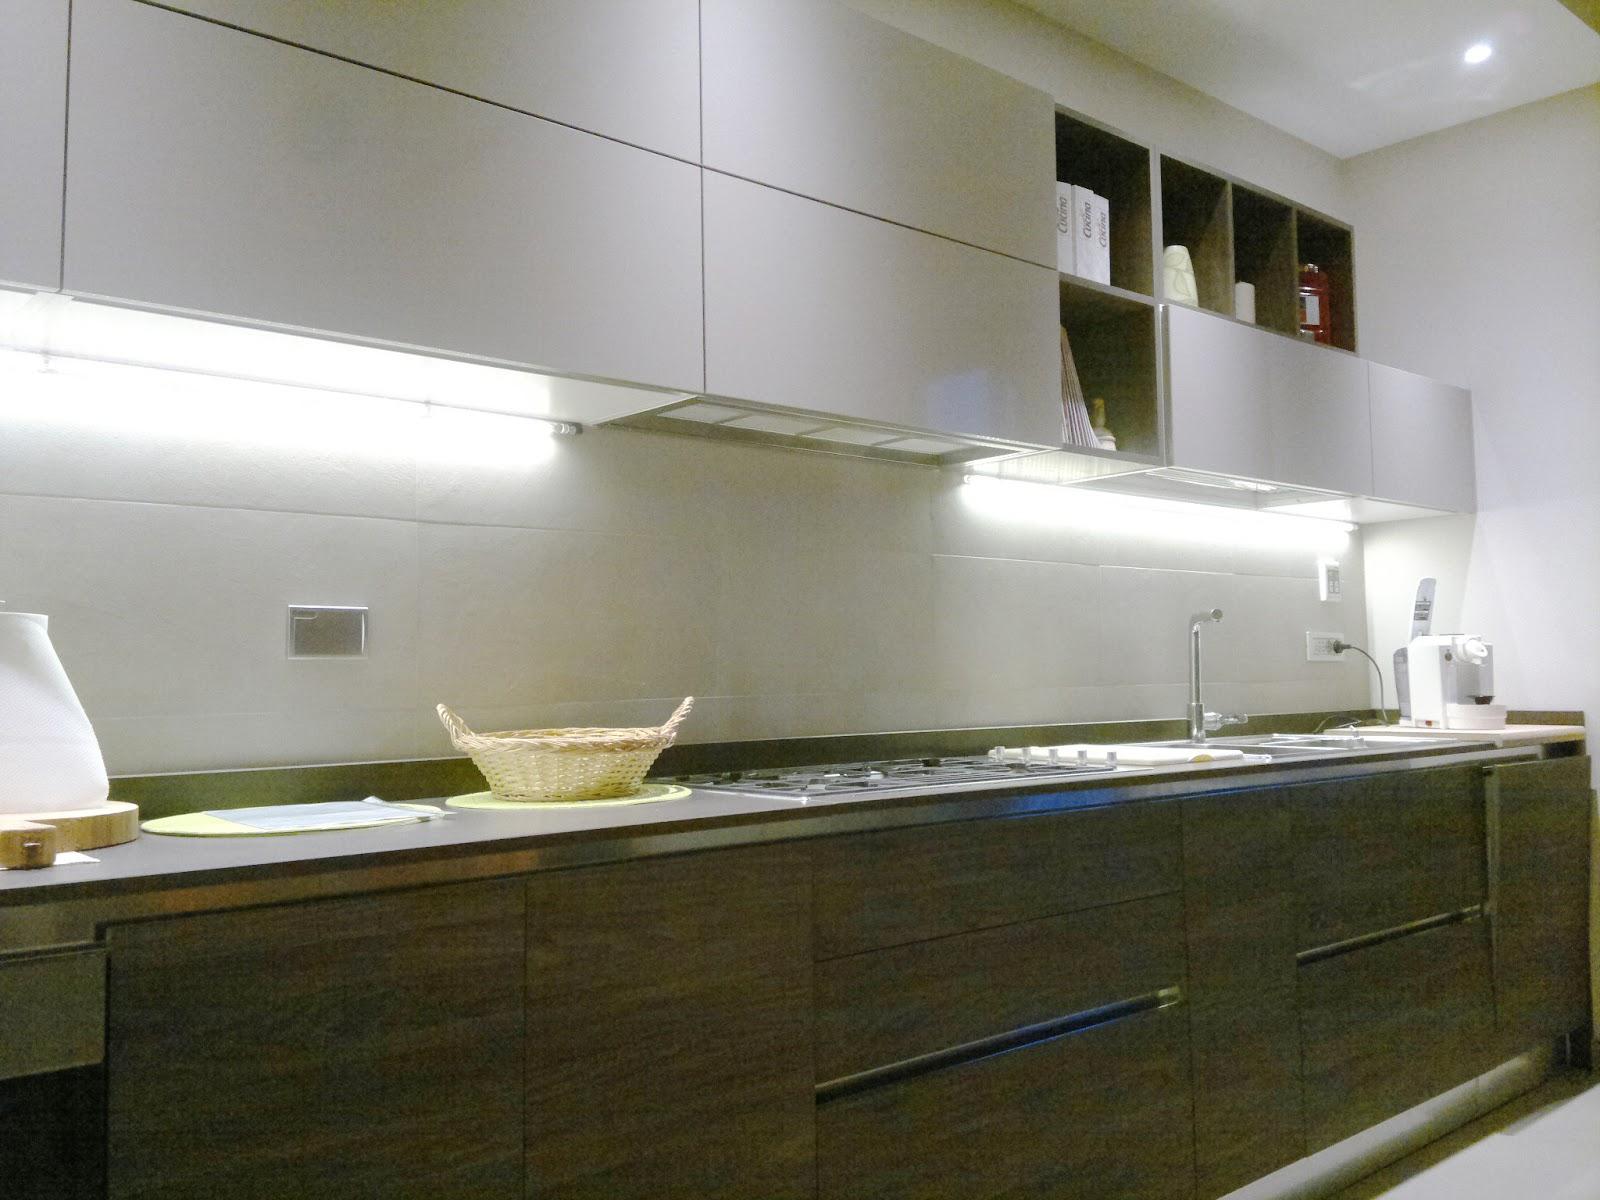 Luci A Led Per Cucina | Striscia Led Per Cucina Top Cucina Leroy ...